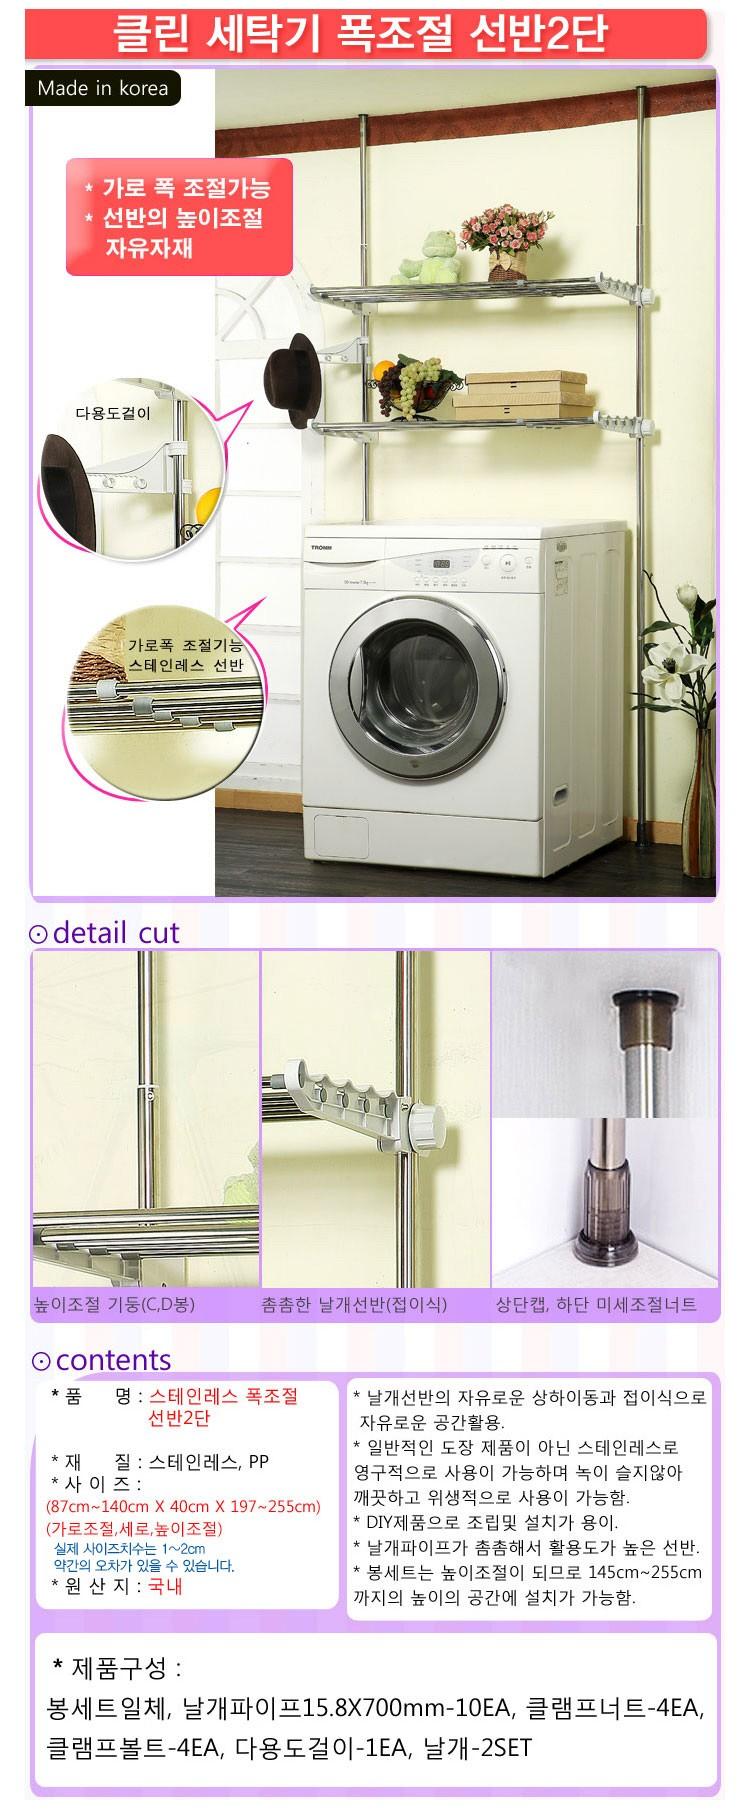 클린세탁기폭조절선반2단